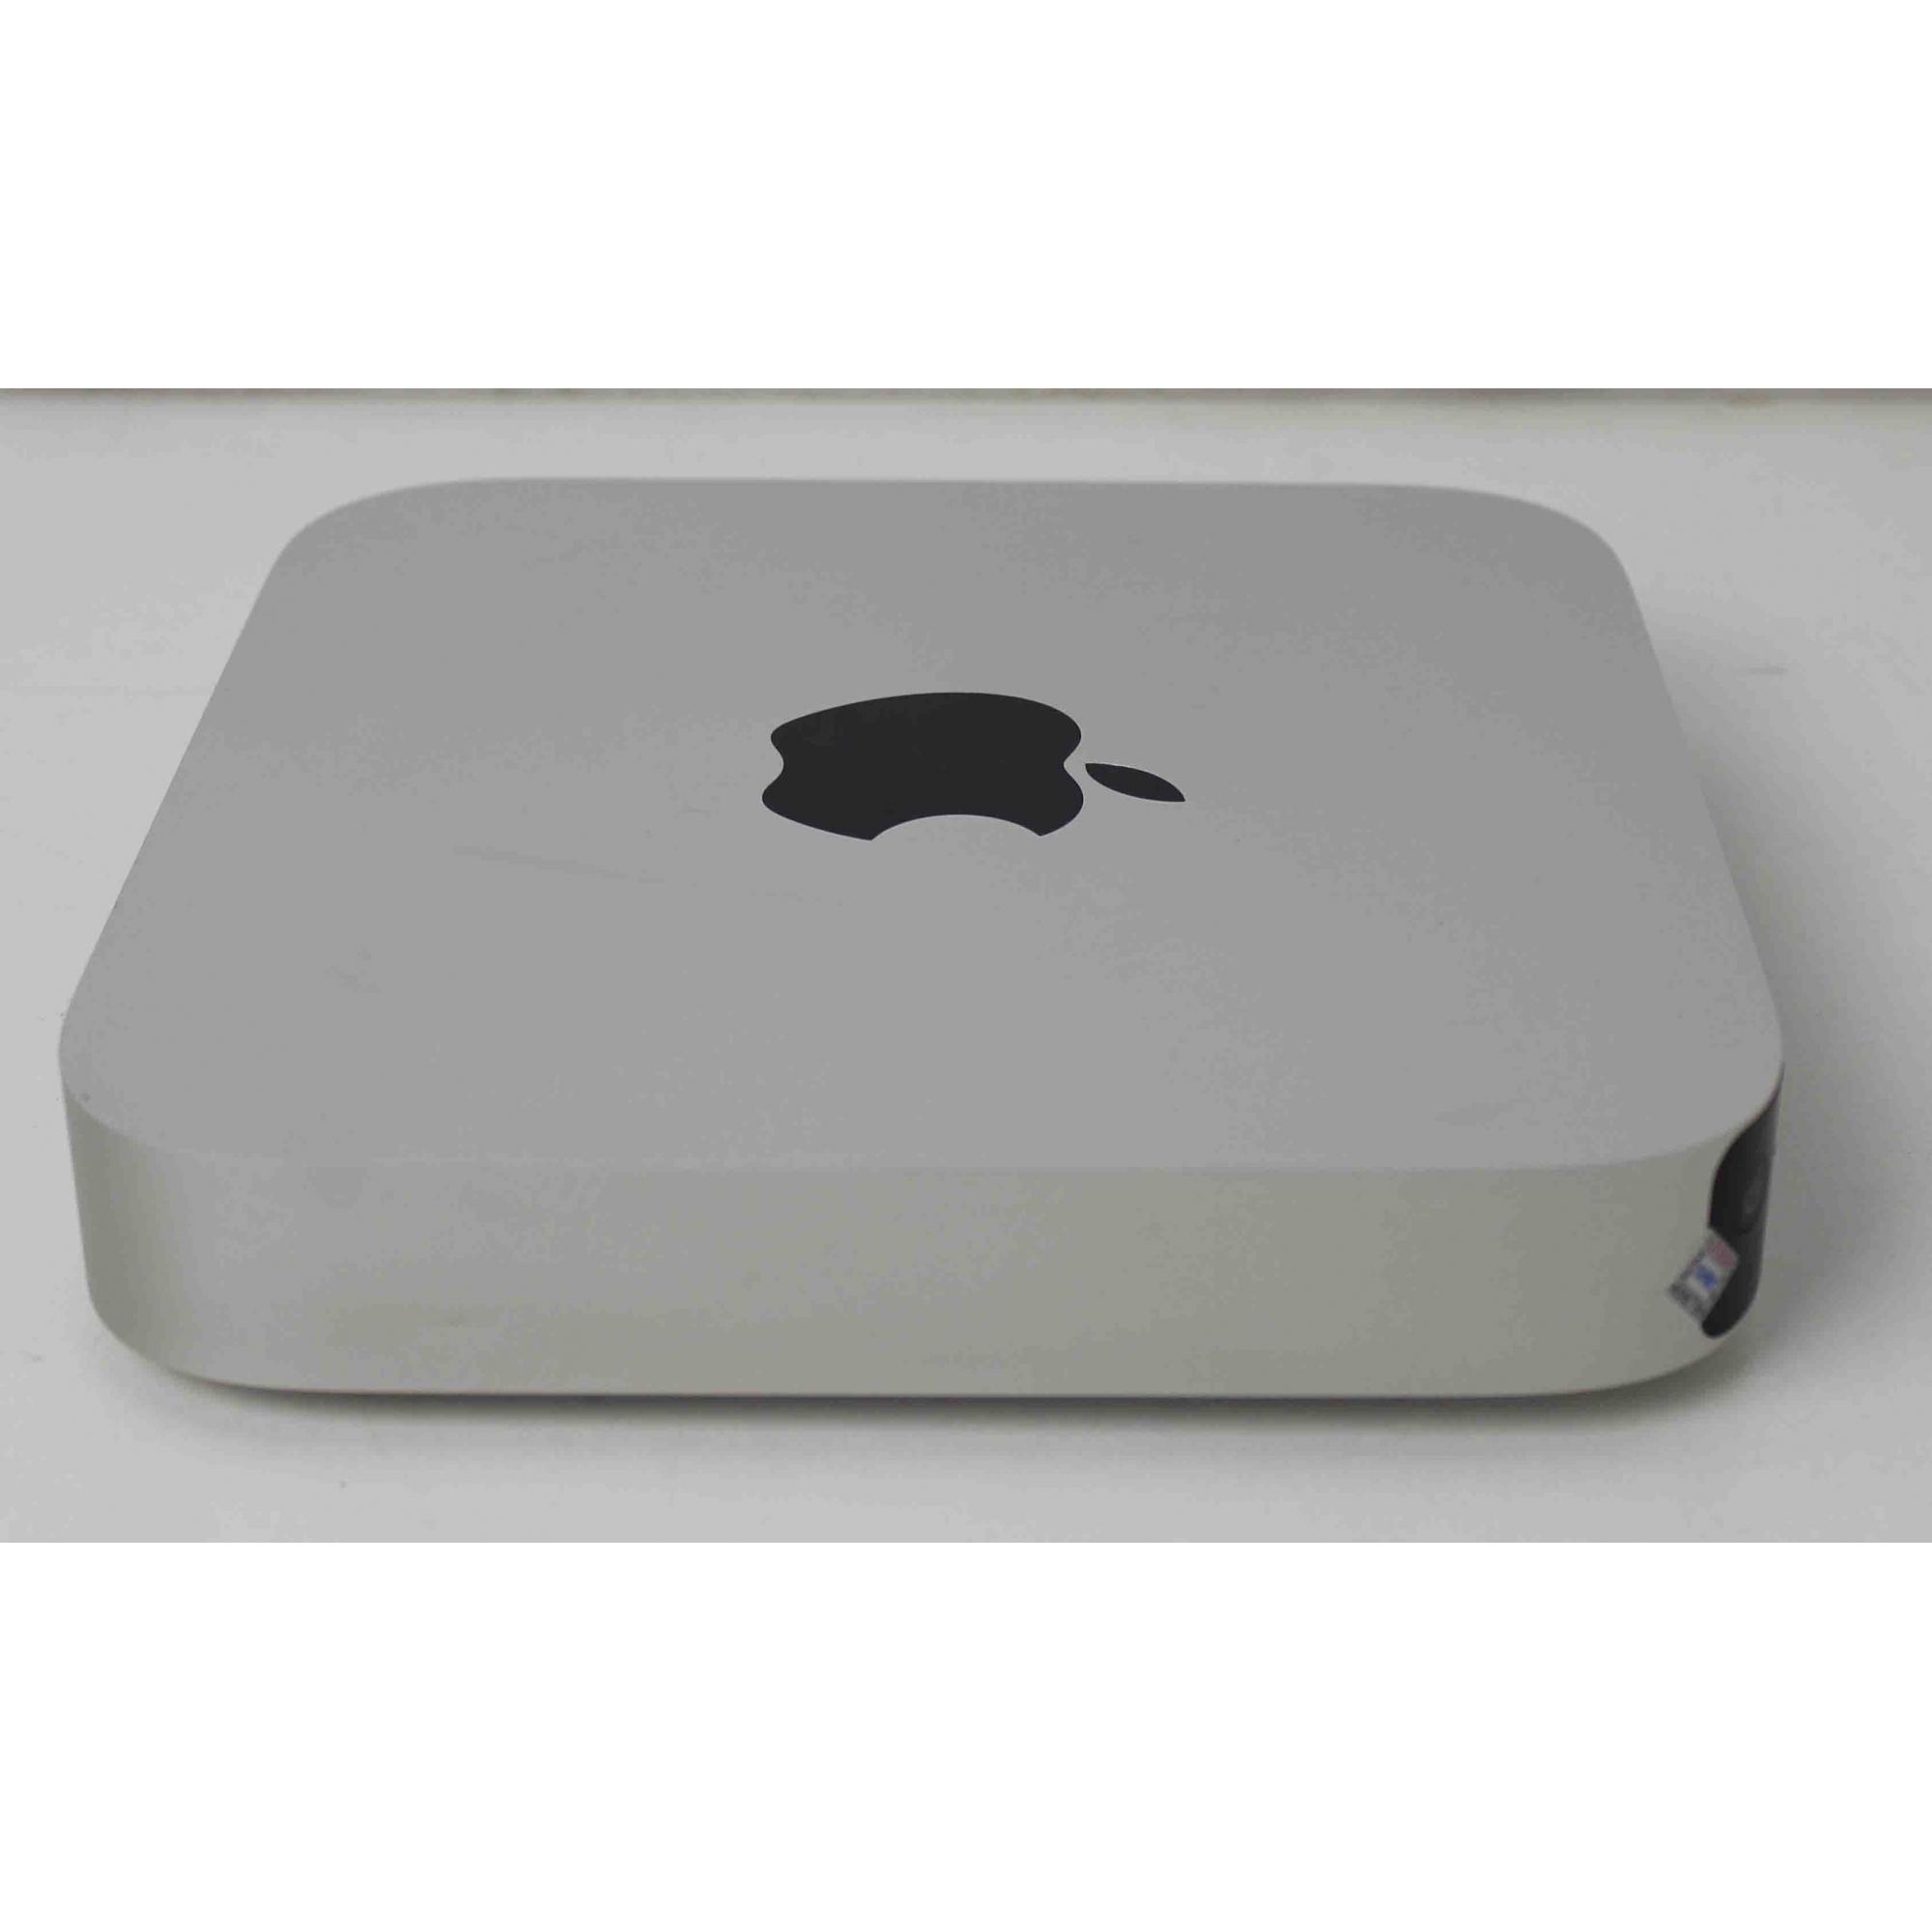 MAC MINI MGEM2LL/A INTEL CORE I5 4GB SSD-256GB